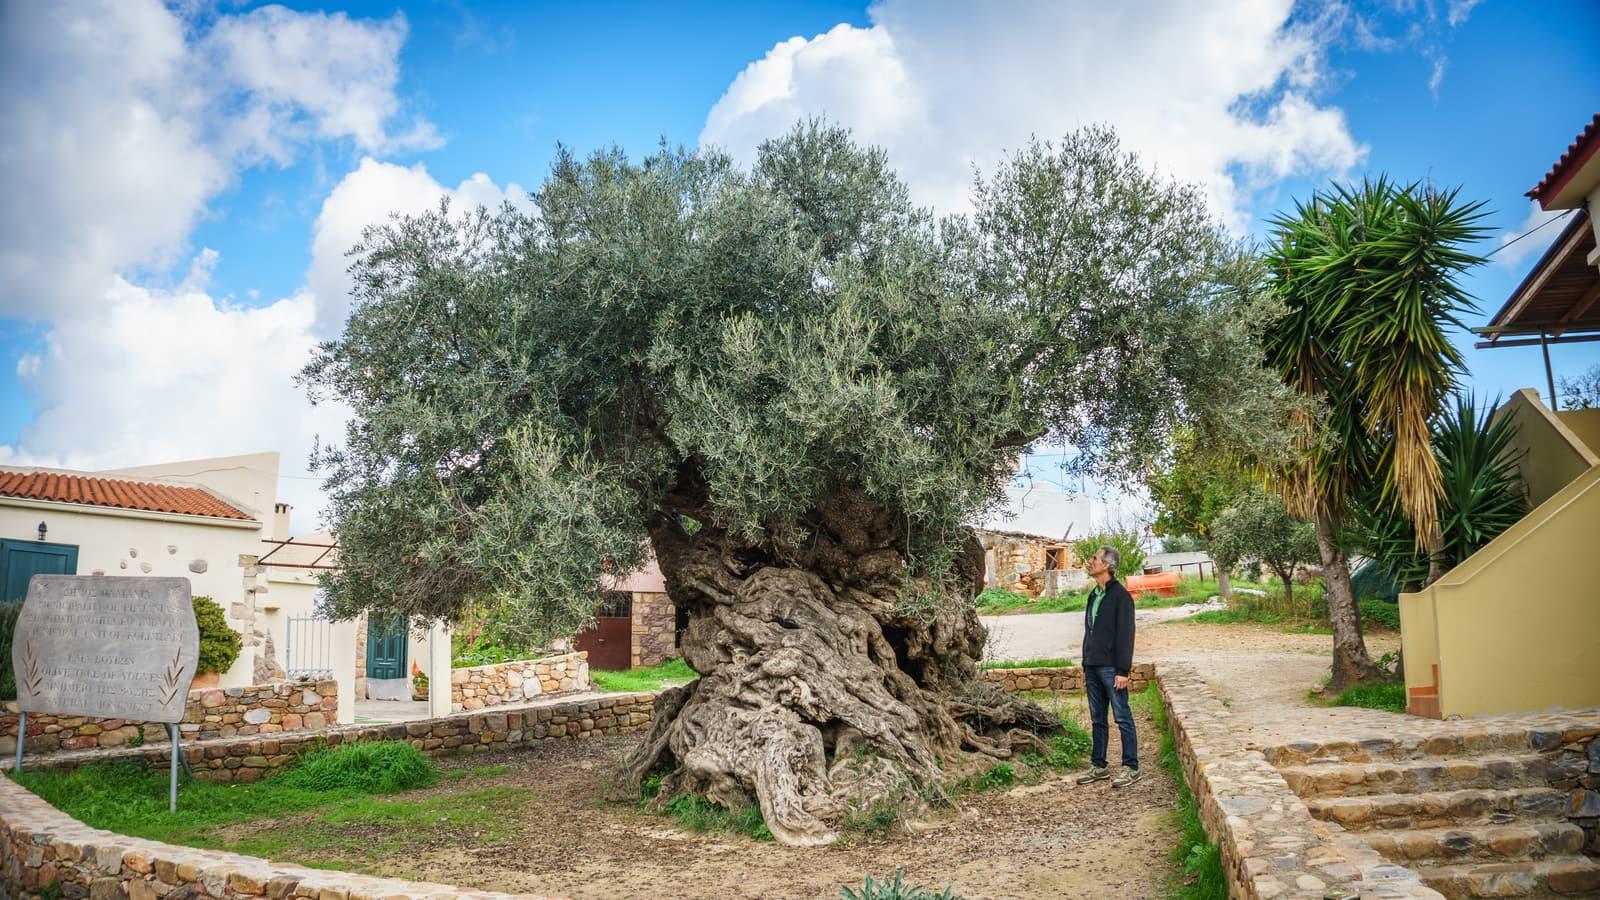 olivenbaum-jannis